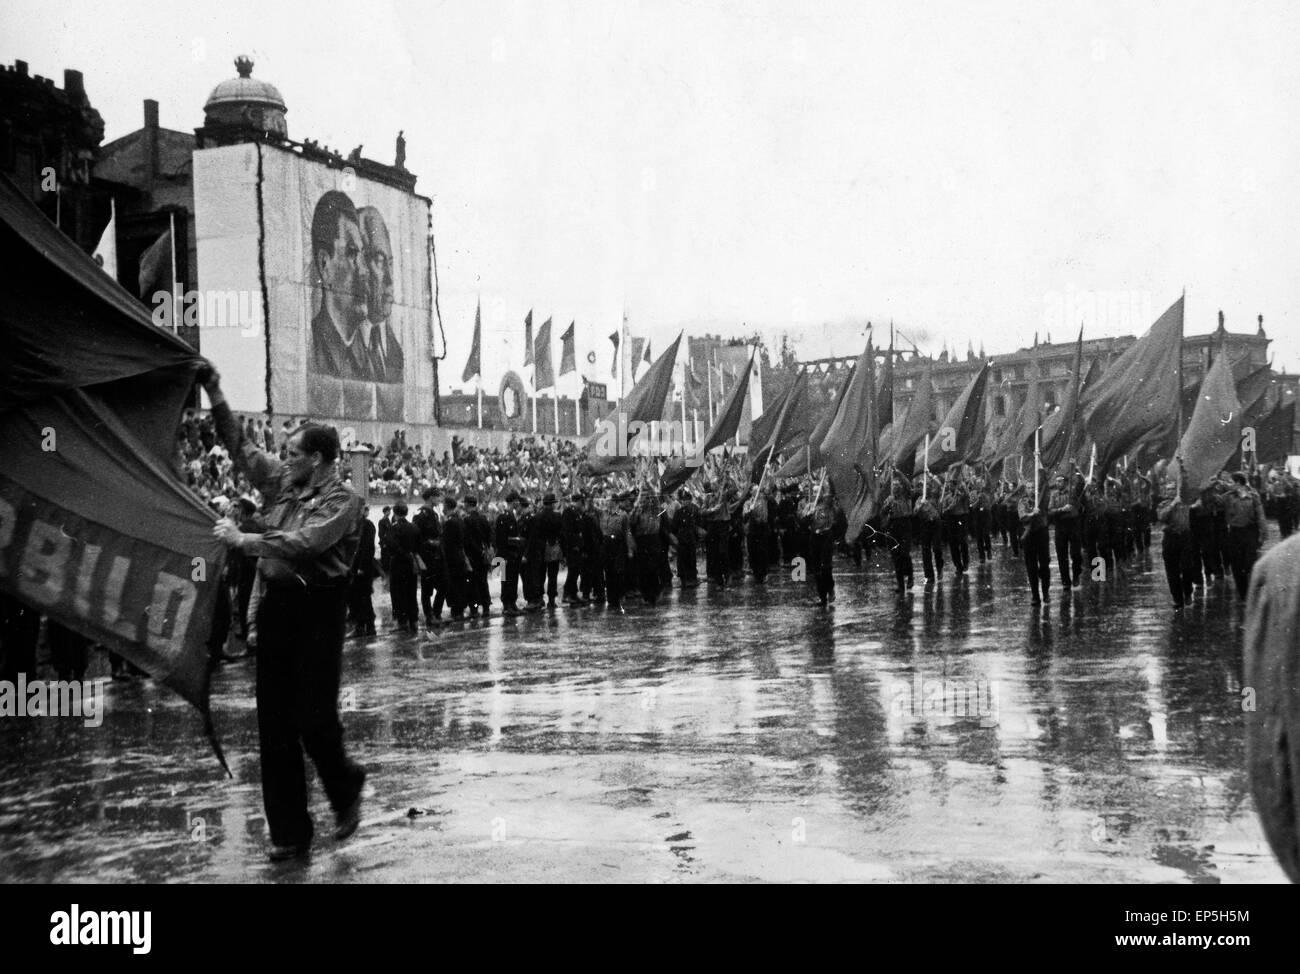 Maikundgebung mit Parade vor den Abbildungen von Josef Stalin und Wilhelm Pieck in Ost Berlin, DDR 1950er Jahre. - Stock Image